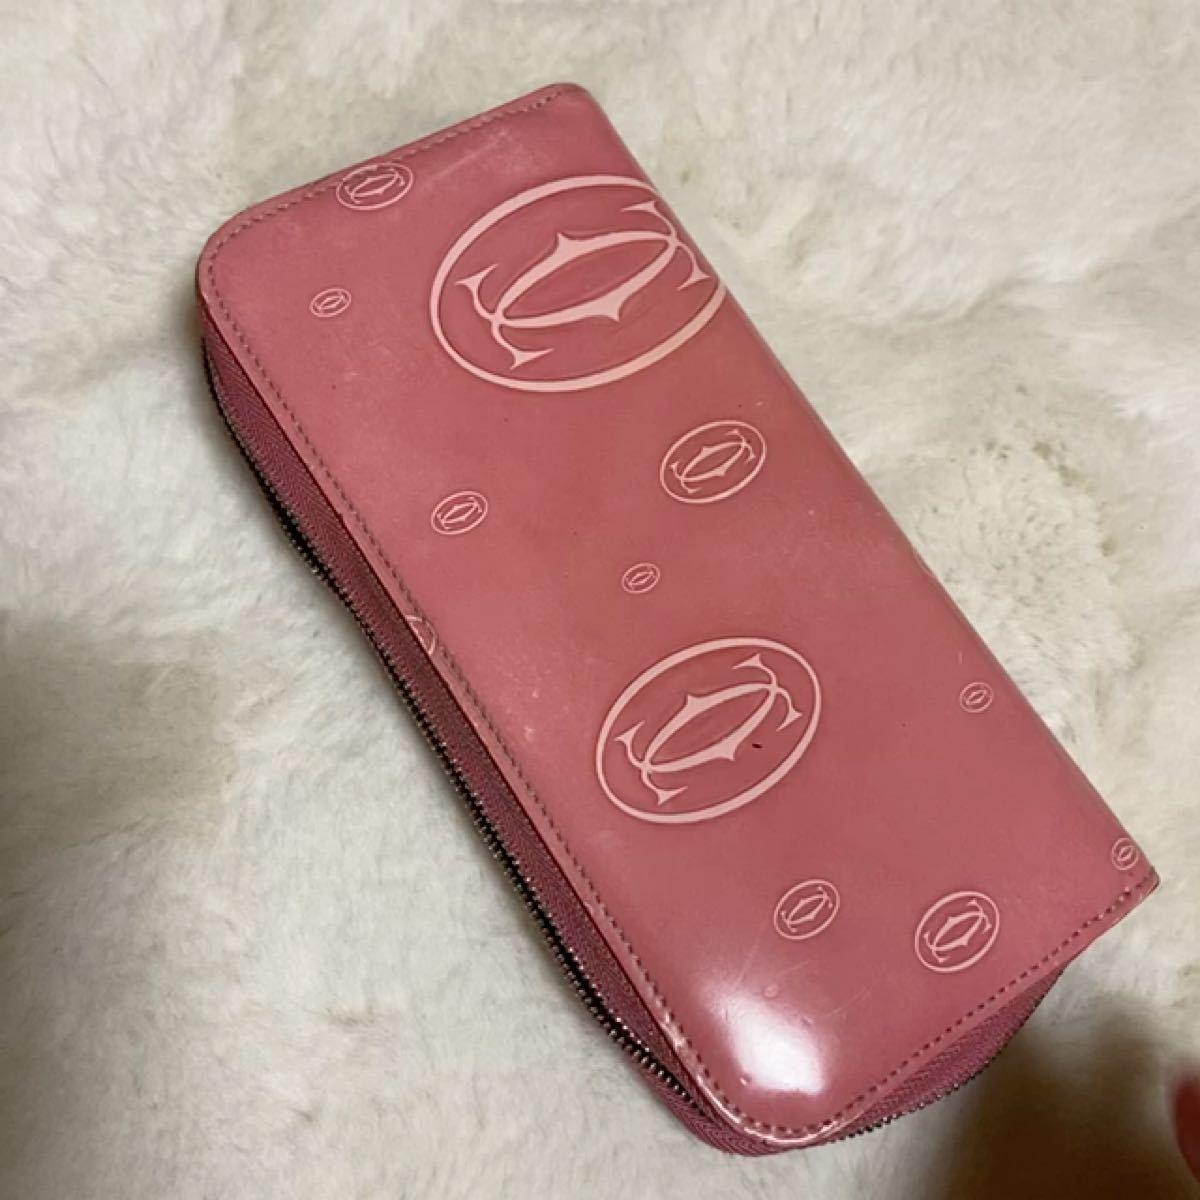 カルティエ 長財布 ラウンドファスナー Cartier ピンク ジッピーウォレット